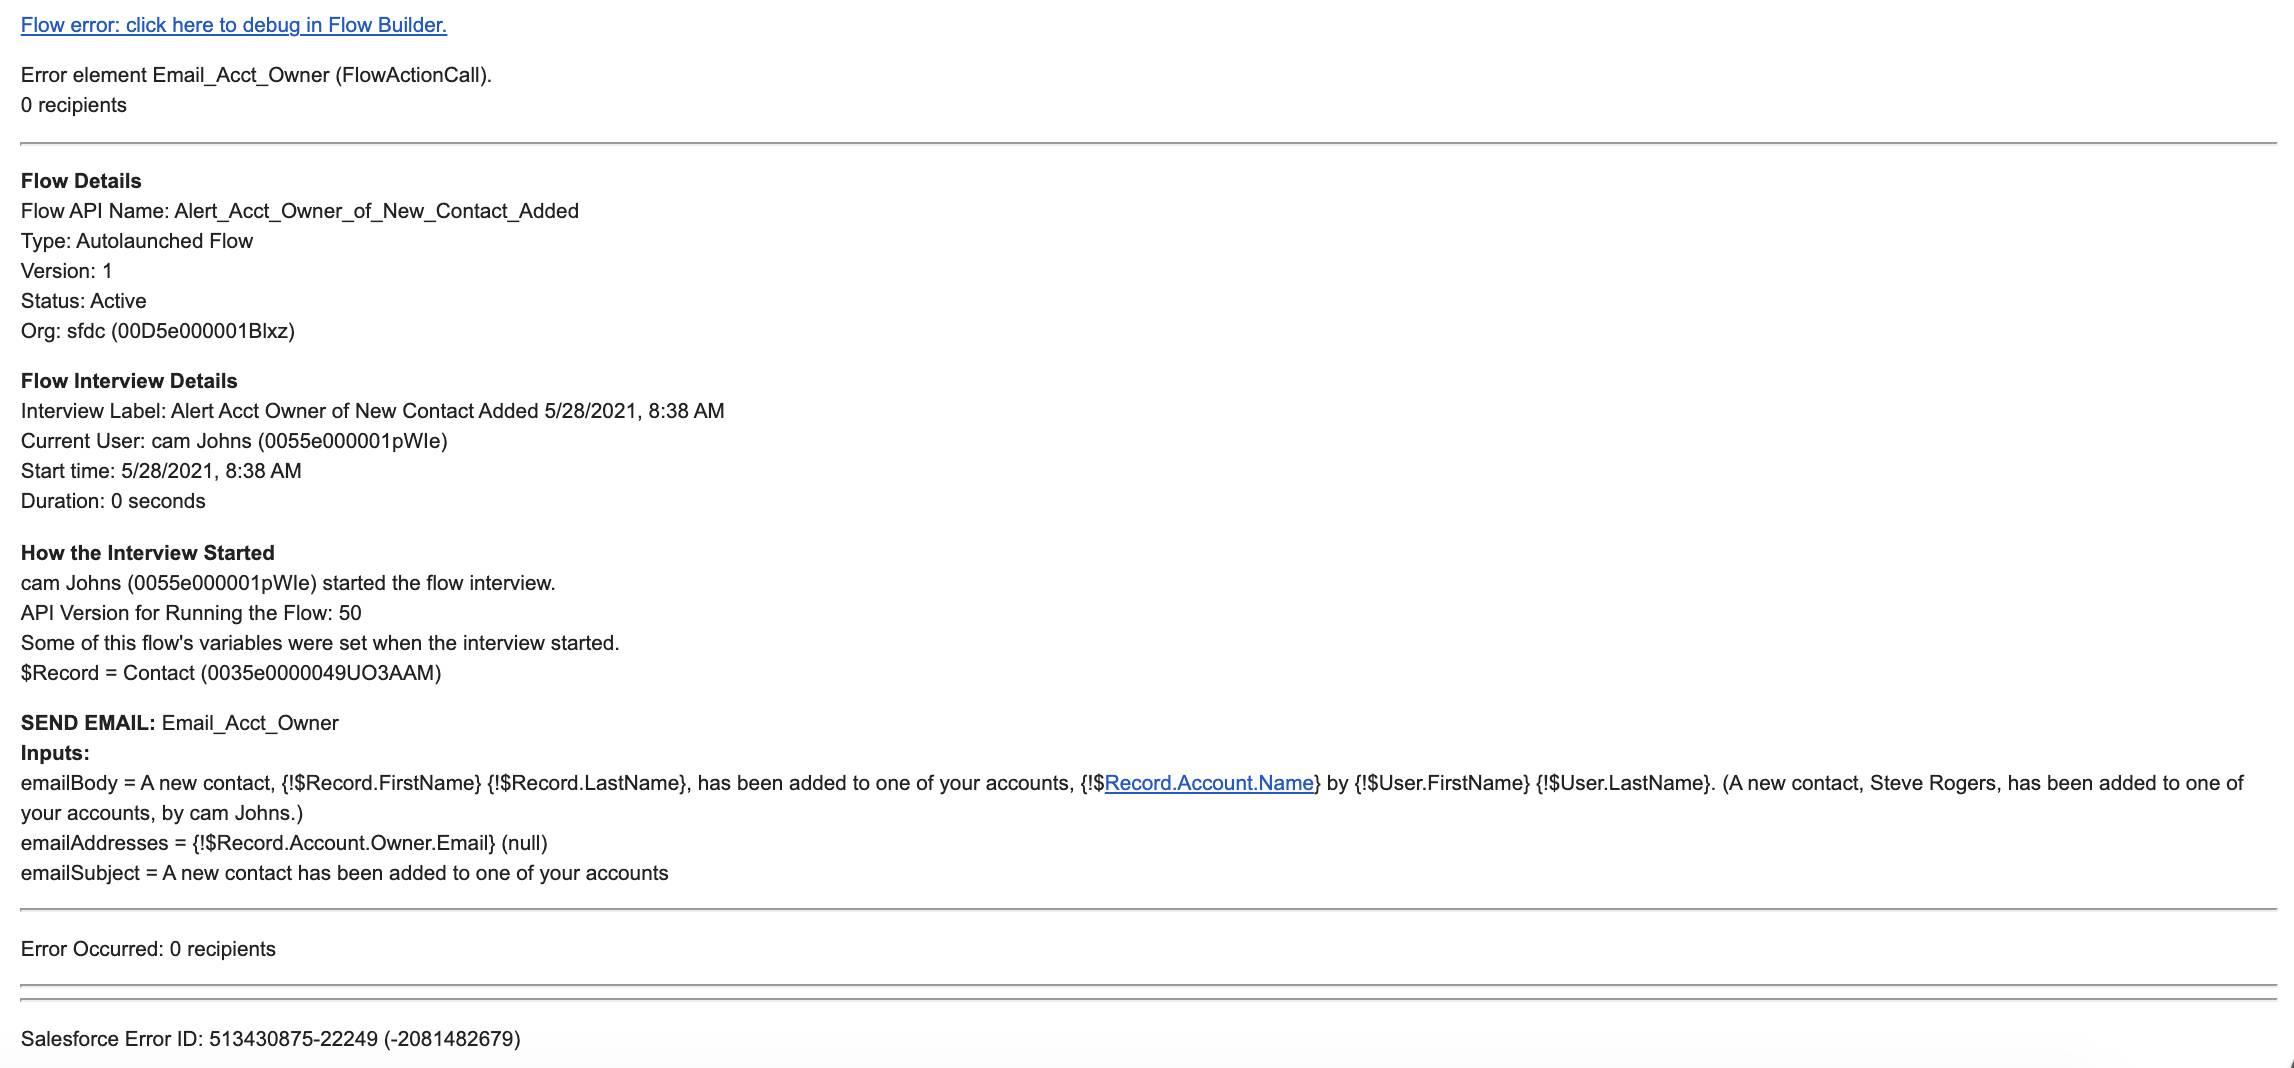 Flow error email excerpt